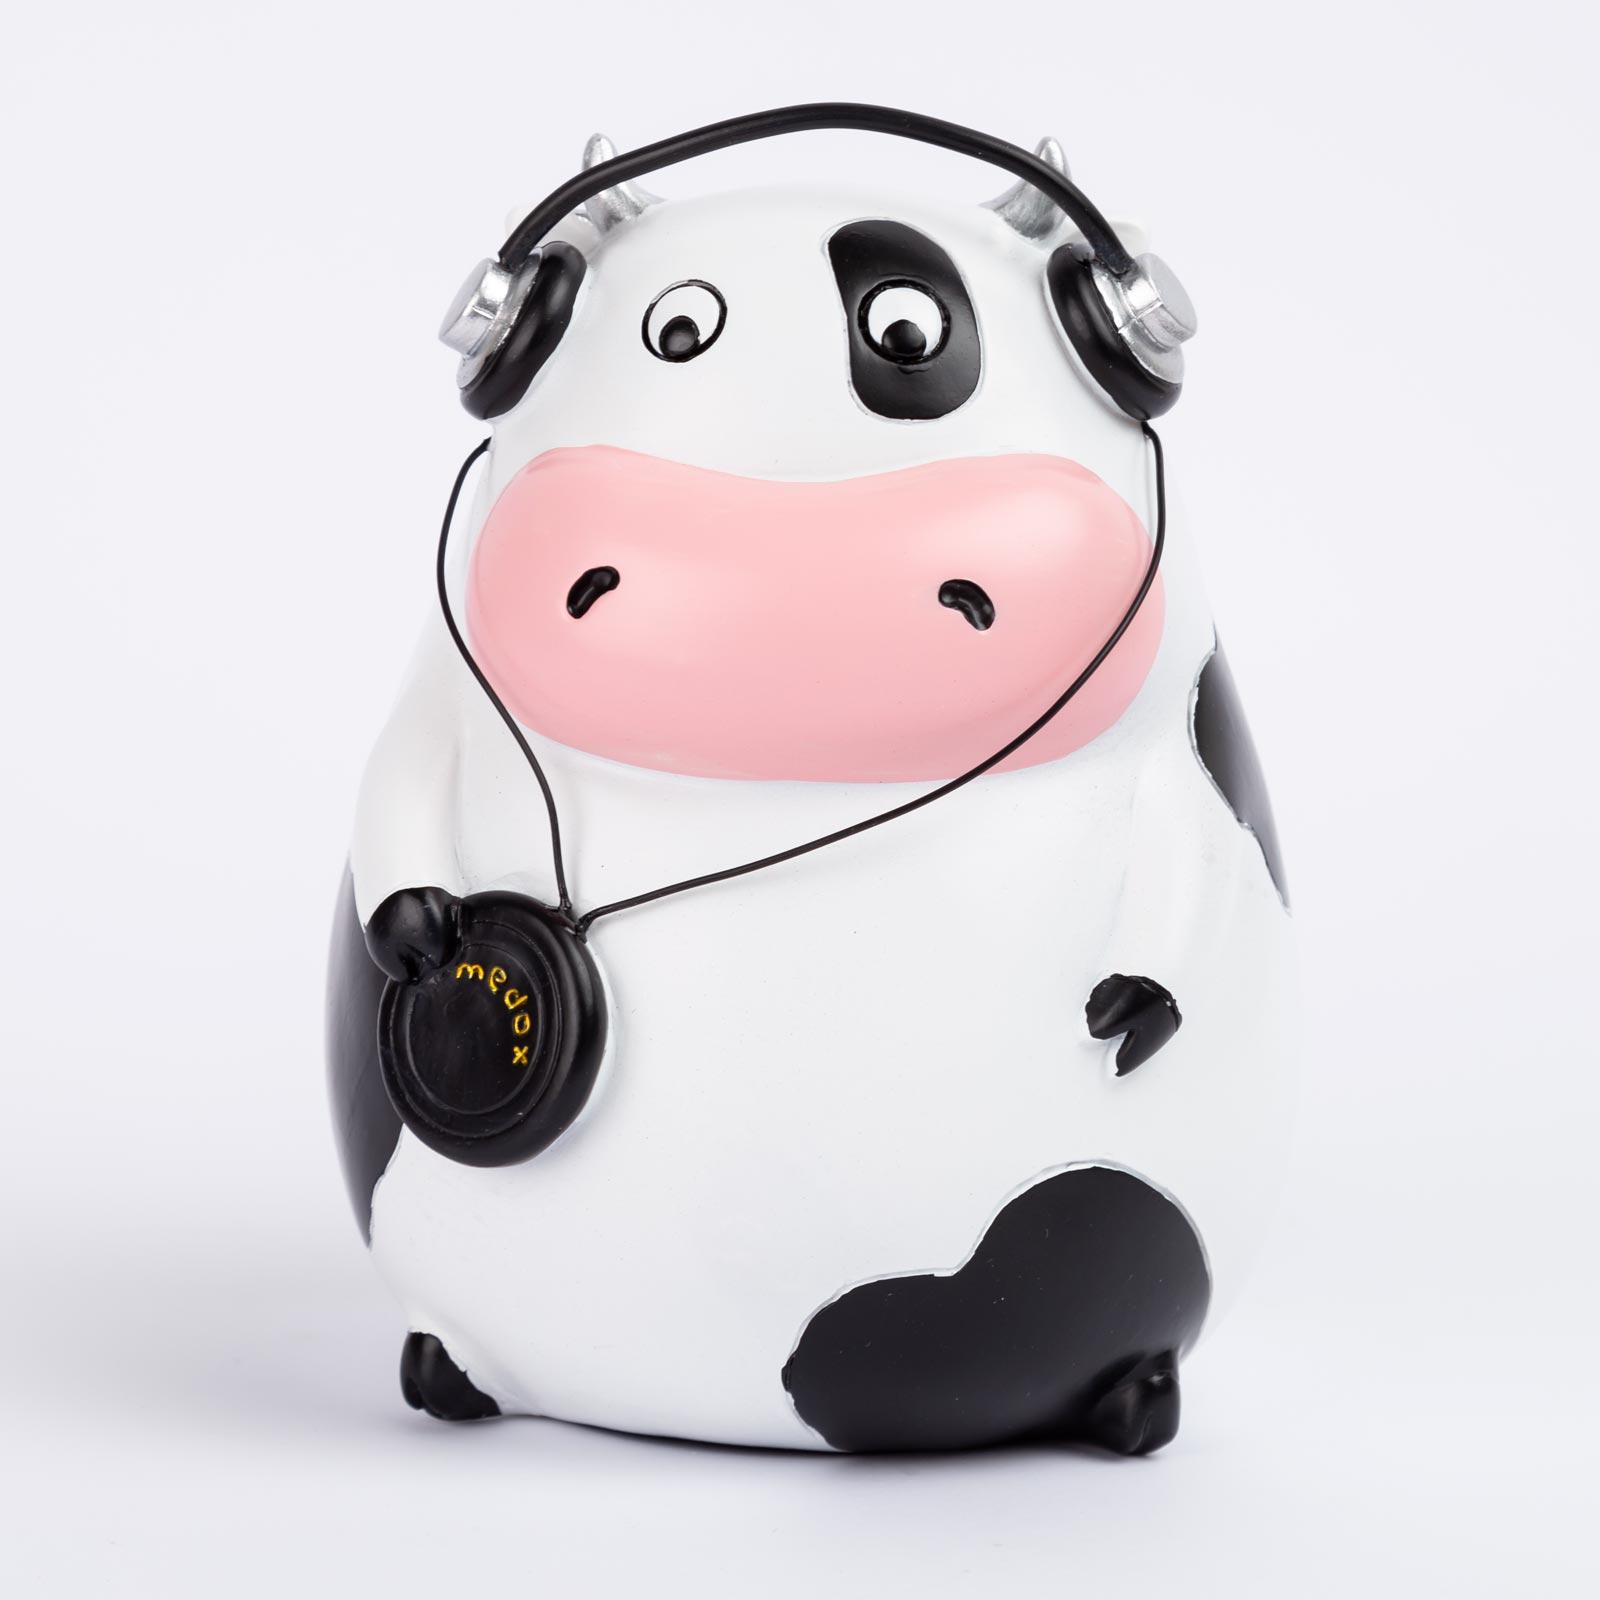 altavoz bluetooth de 3w rms, diseño vaca